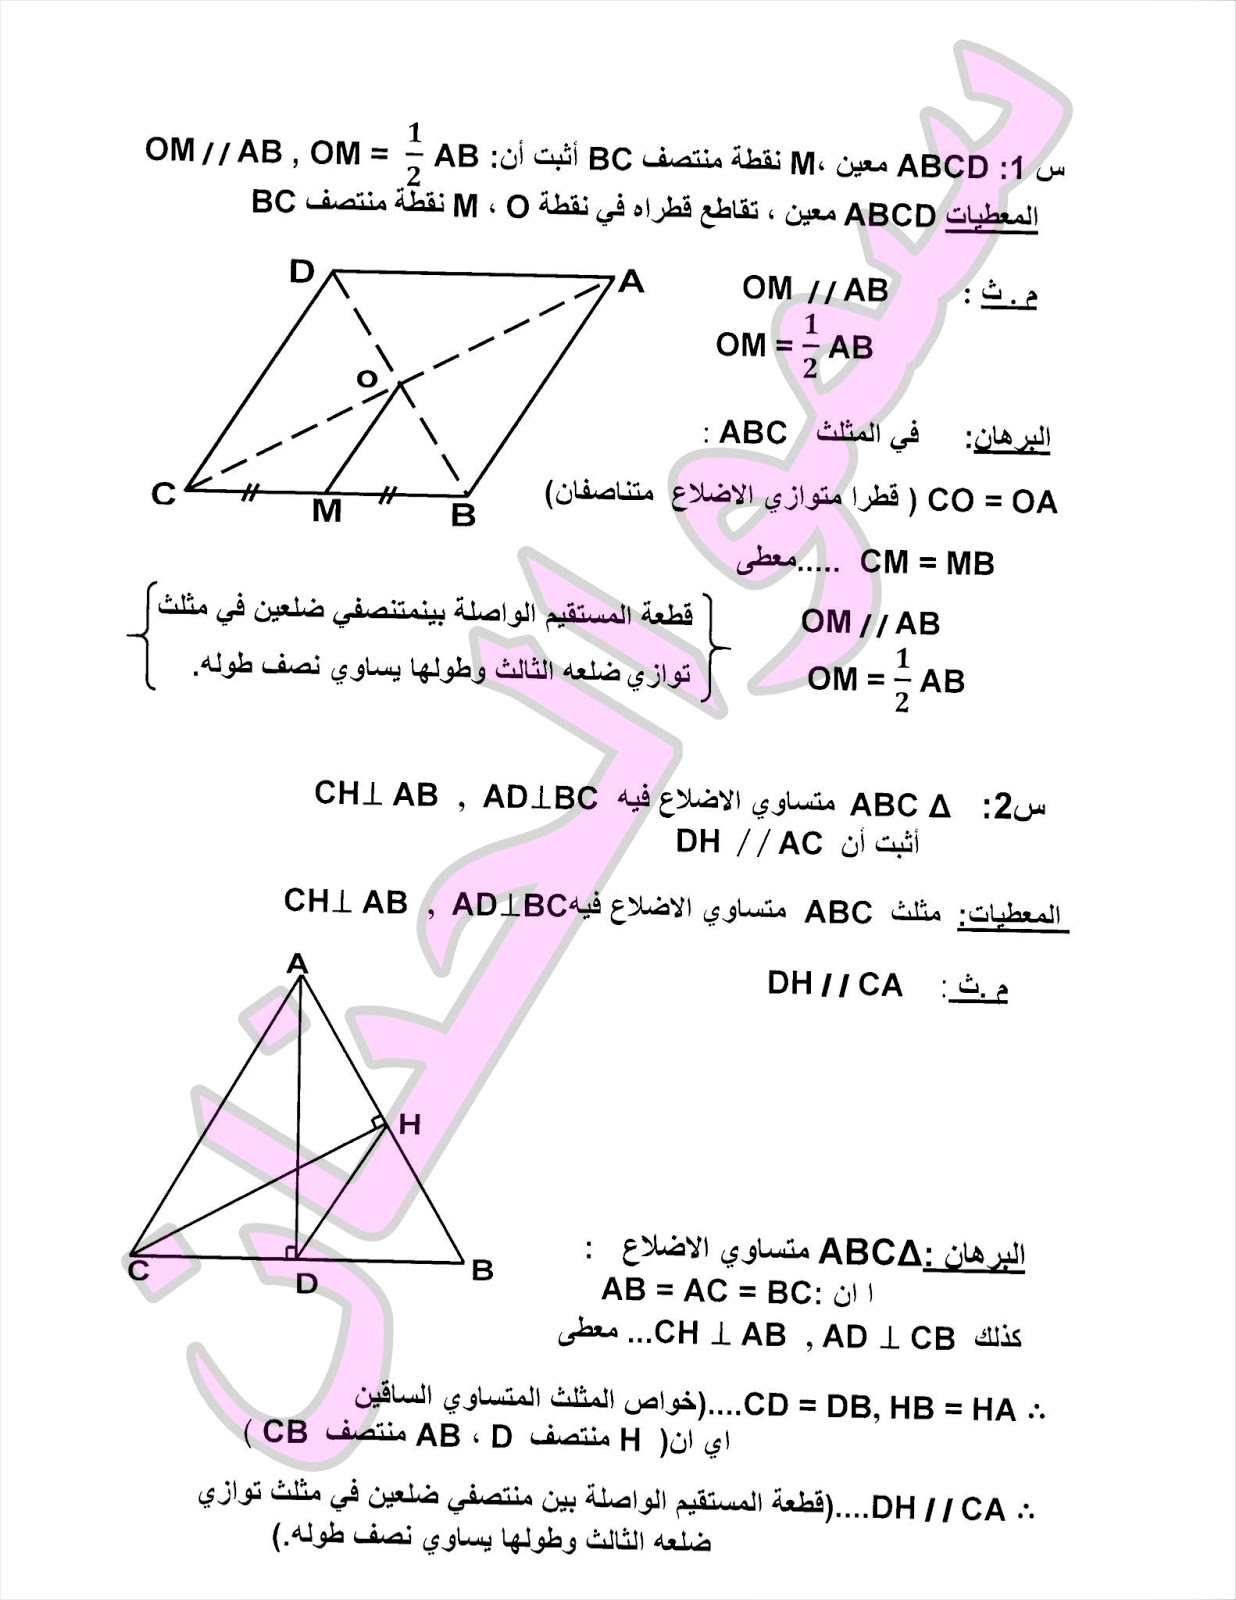 المراجعة المركزة وملخص لمادة الرياضيات للصف الثالث المتوسط 2017 | الجزء 2 1710